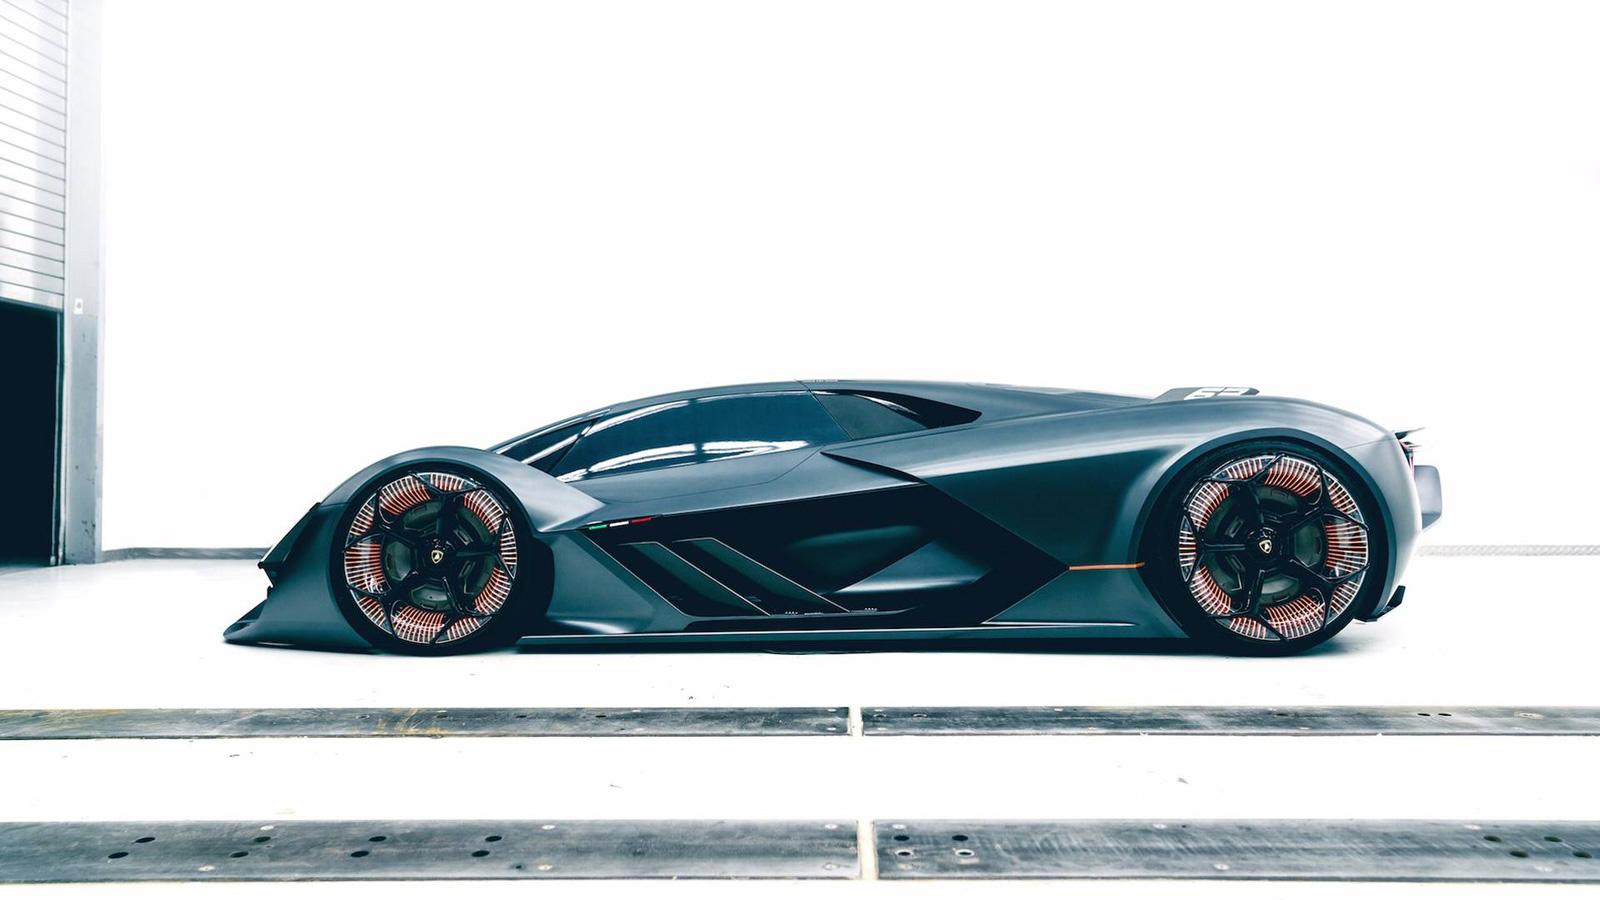 Vi-sao-Lamborghini-chua-tung-ra-sieu-xe-dien-anh-5